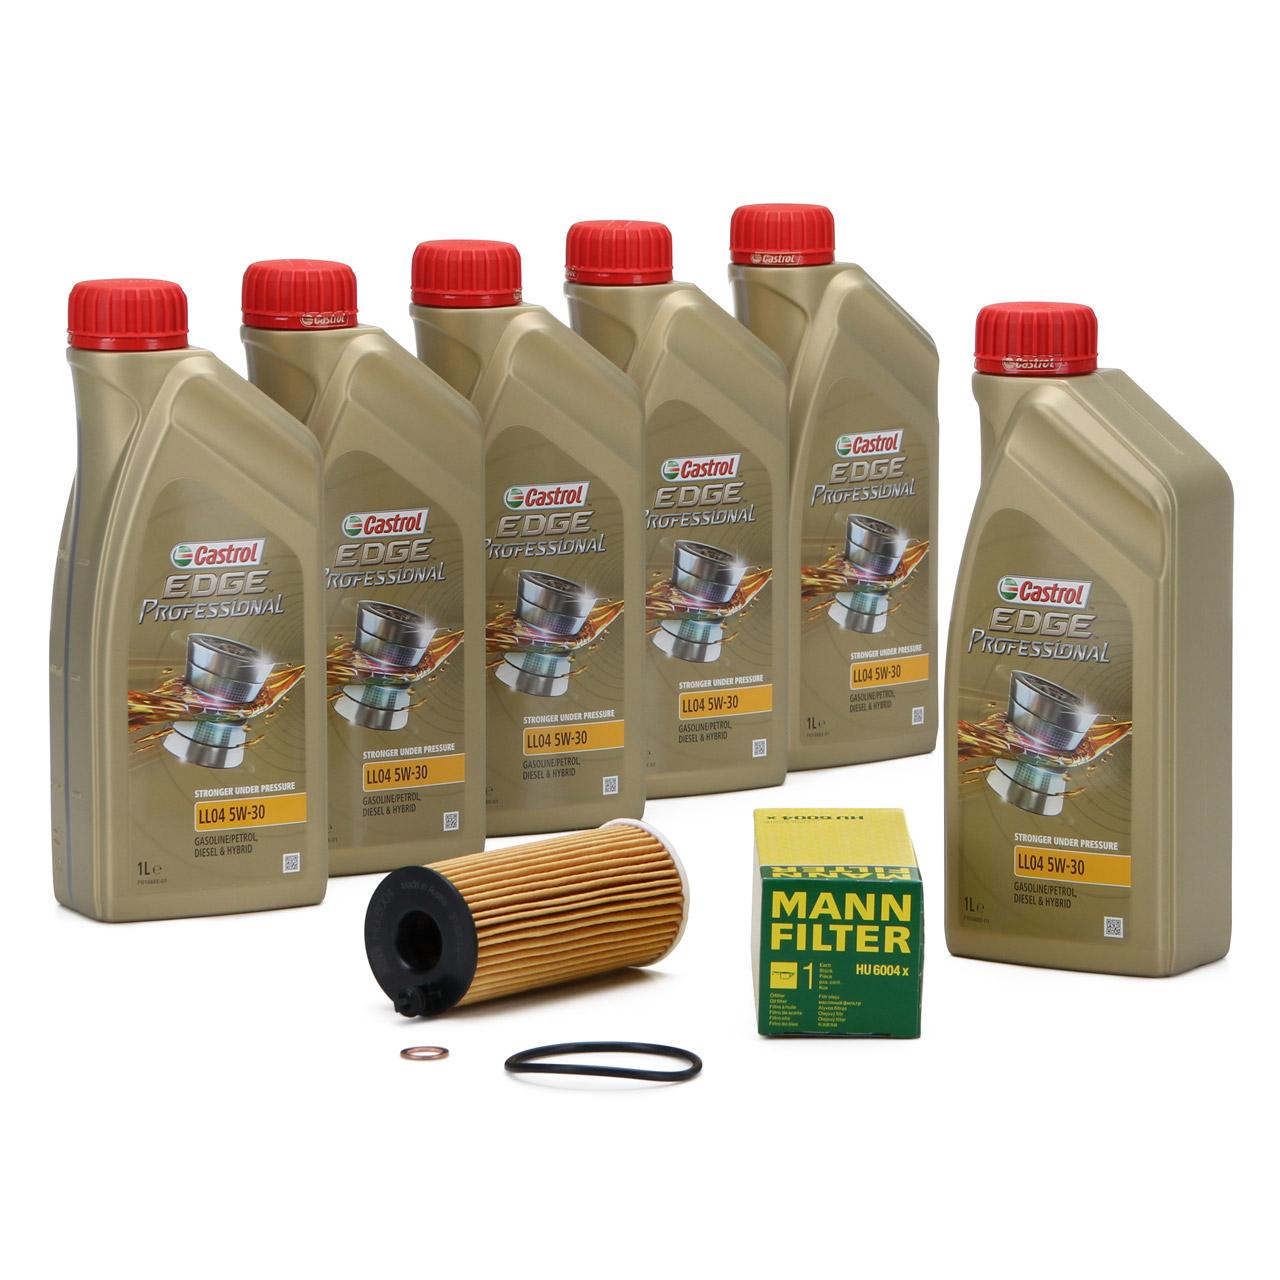 6L CASTROL EDGE Professional Motoröl Öl LL04 5W-30 + MANN Ölfilter HU6004x